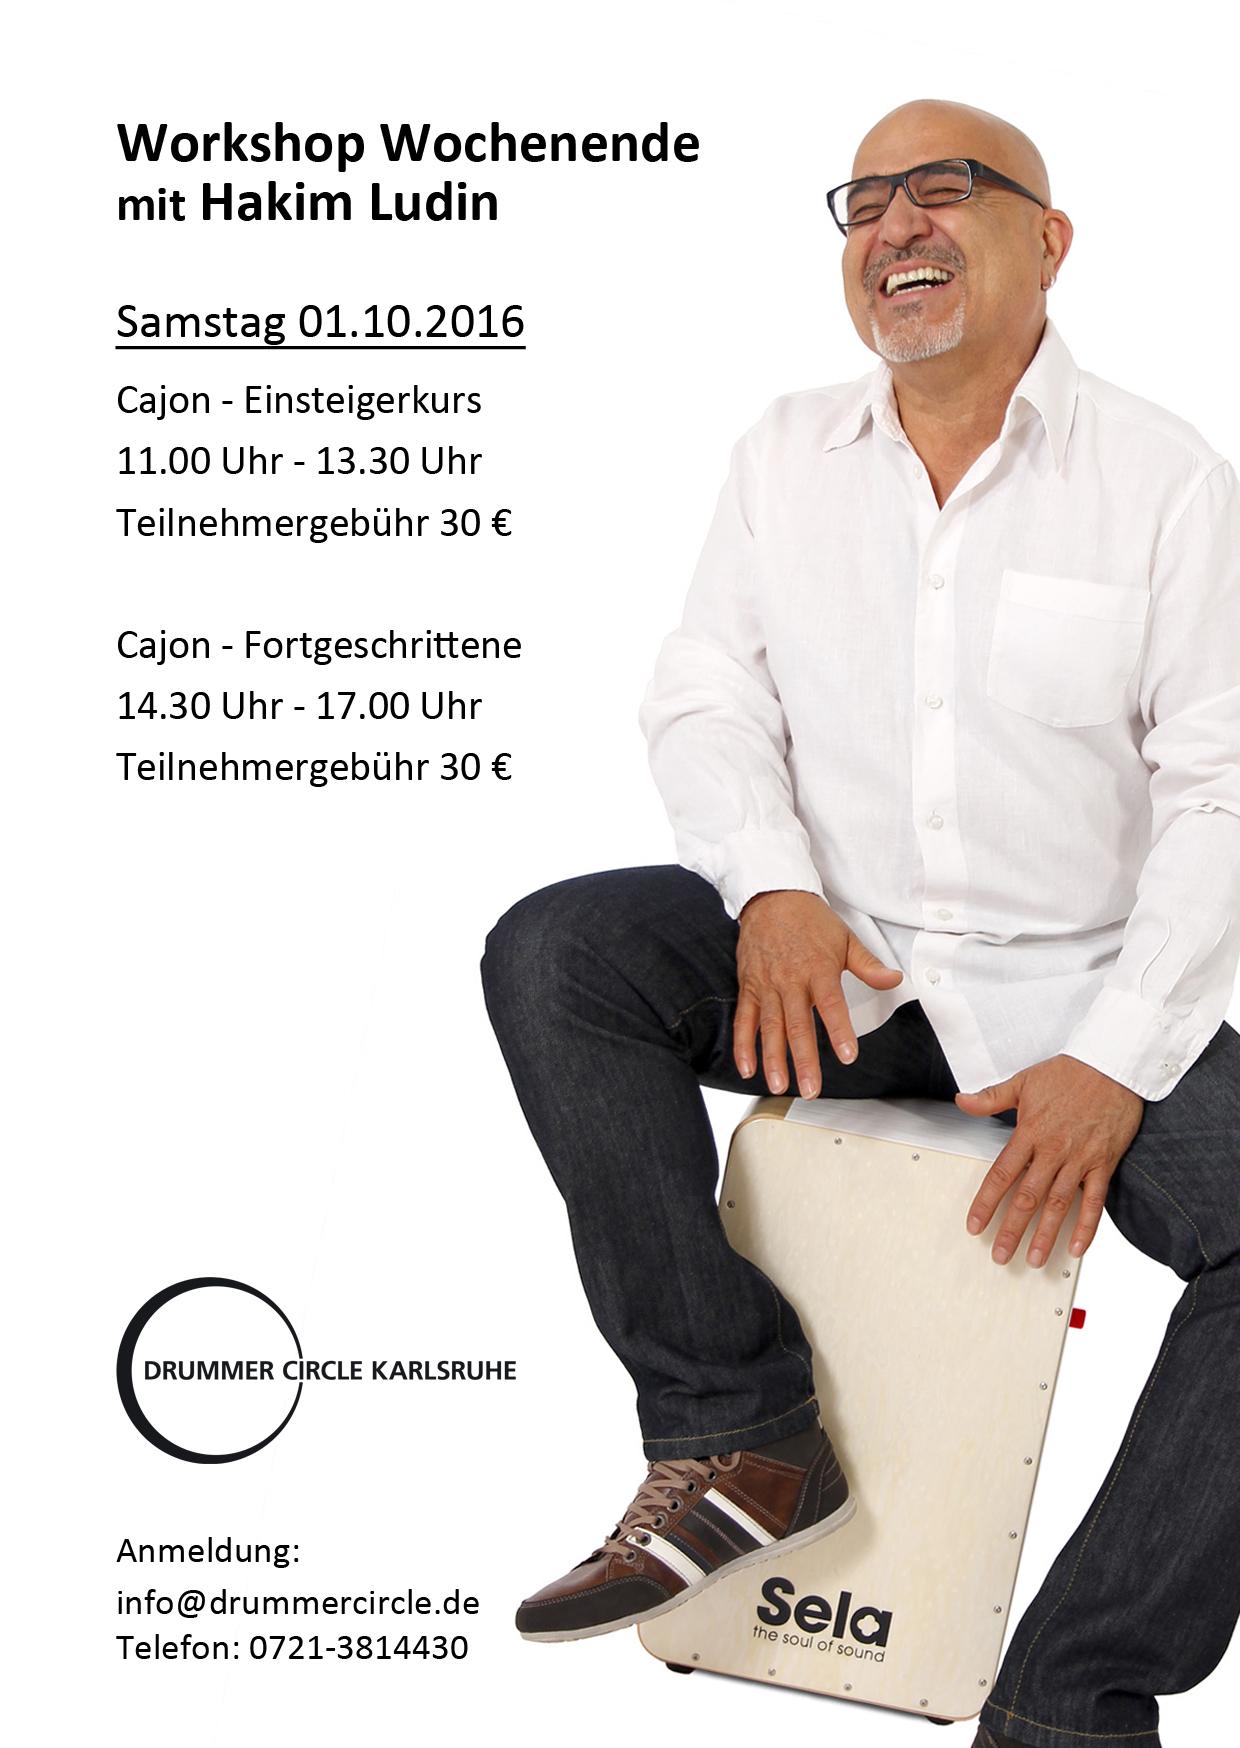 Hakim Ludin Workshop Wochenende 2016 -1